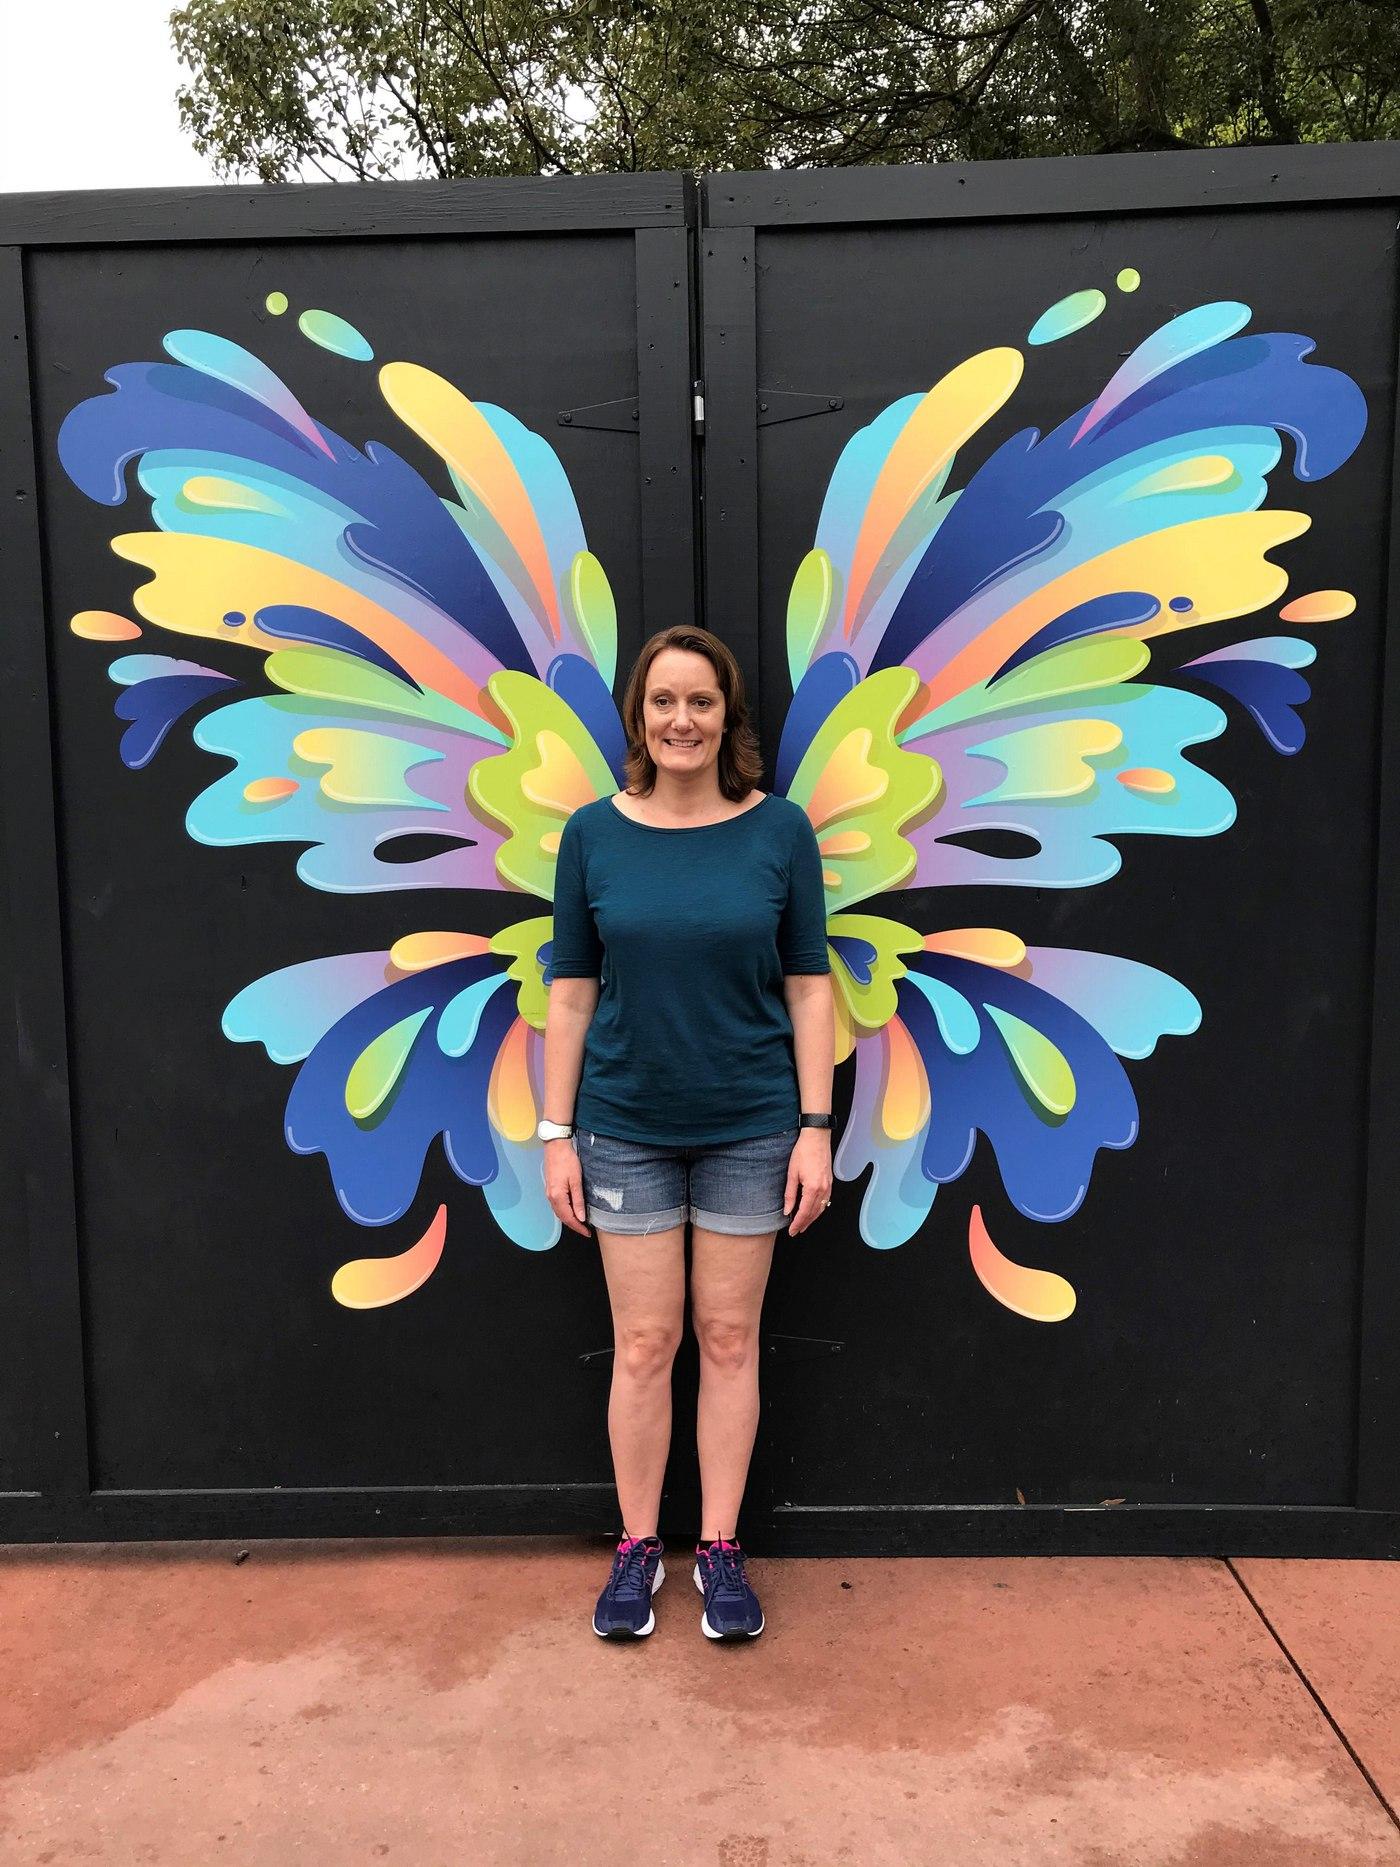 Stacy-Hearn-Berry-Insurance-ButterflyArt